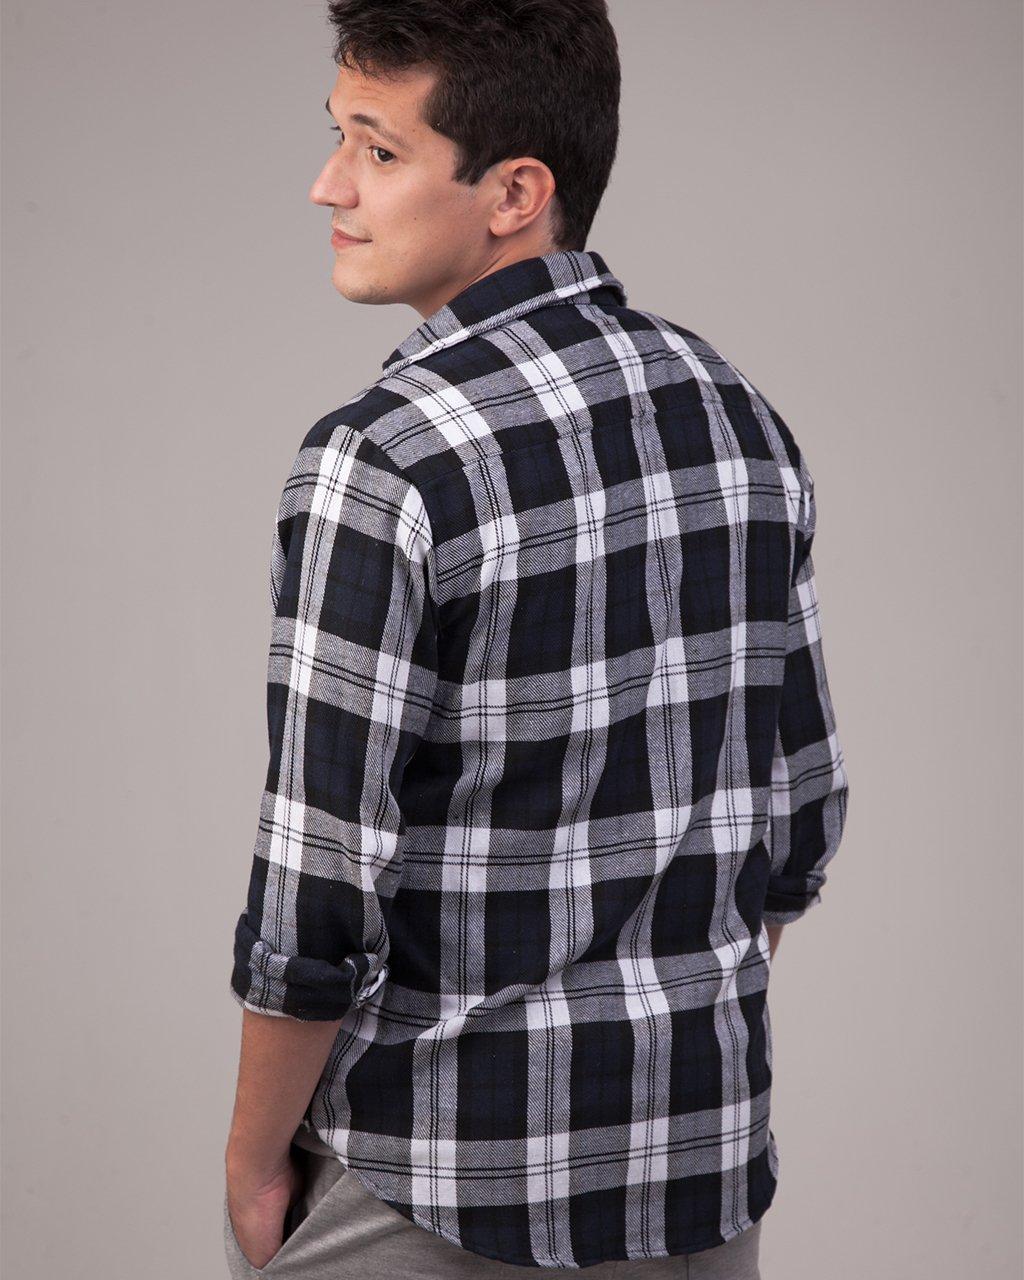 Camisa Flanela Xadrez Manga Comprida